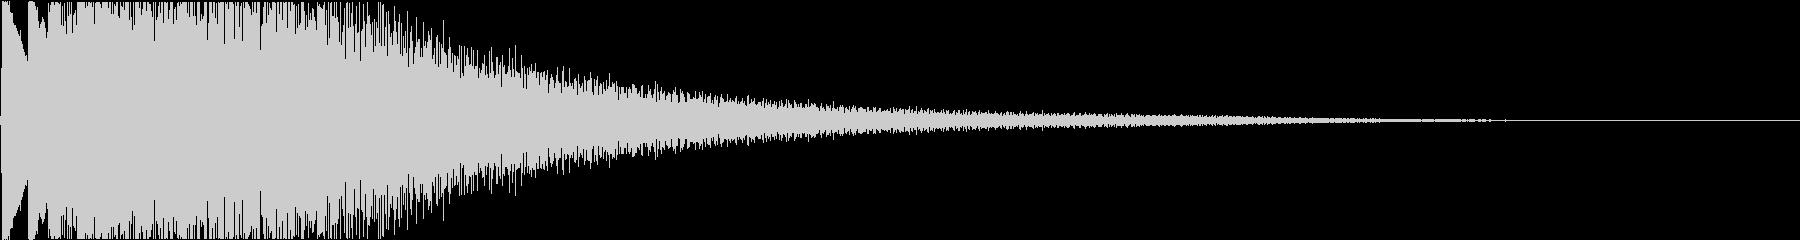 オープニング・琴を弾く・和風・日本の未再生の波形